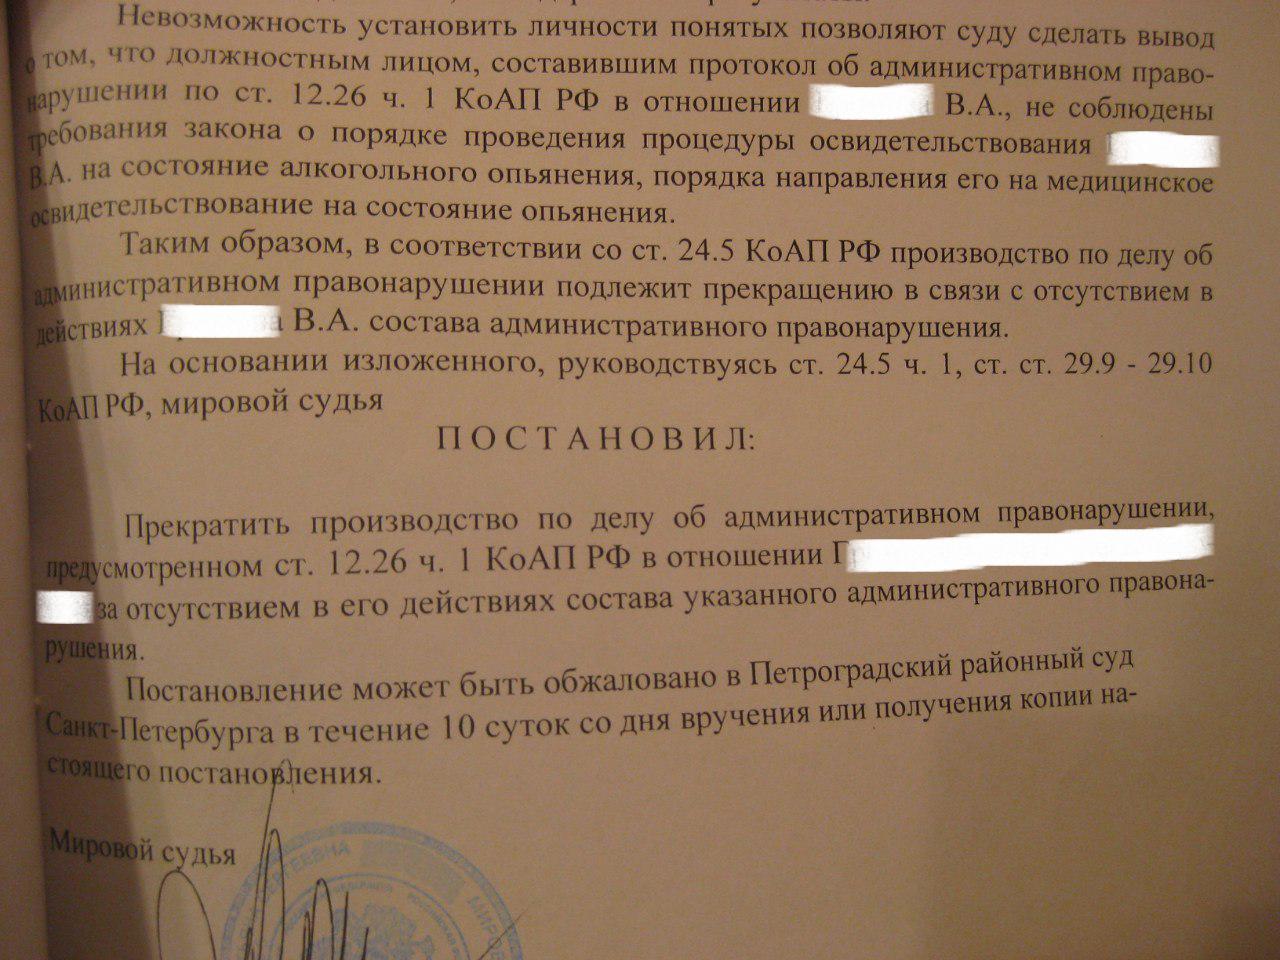 reshenie-suda-vozvrat-prav-15